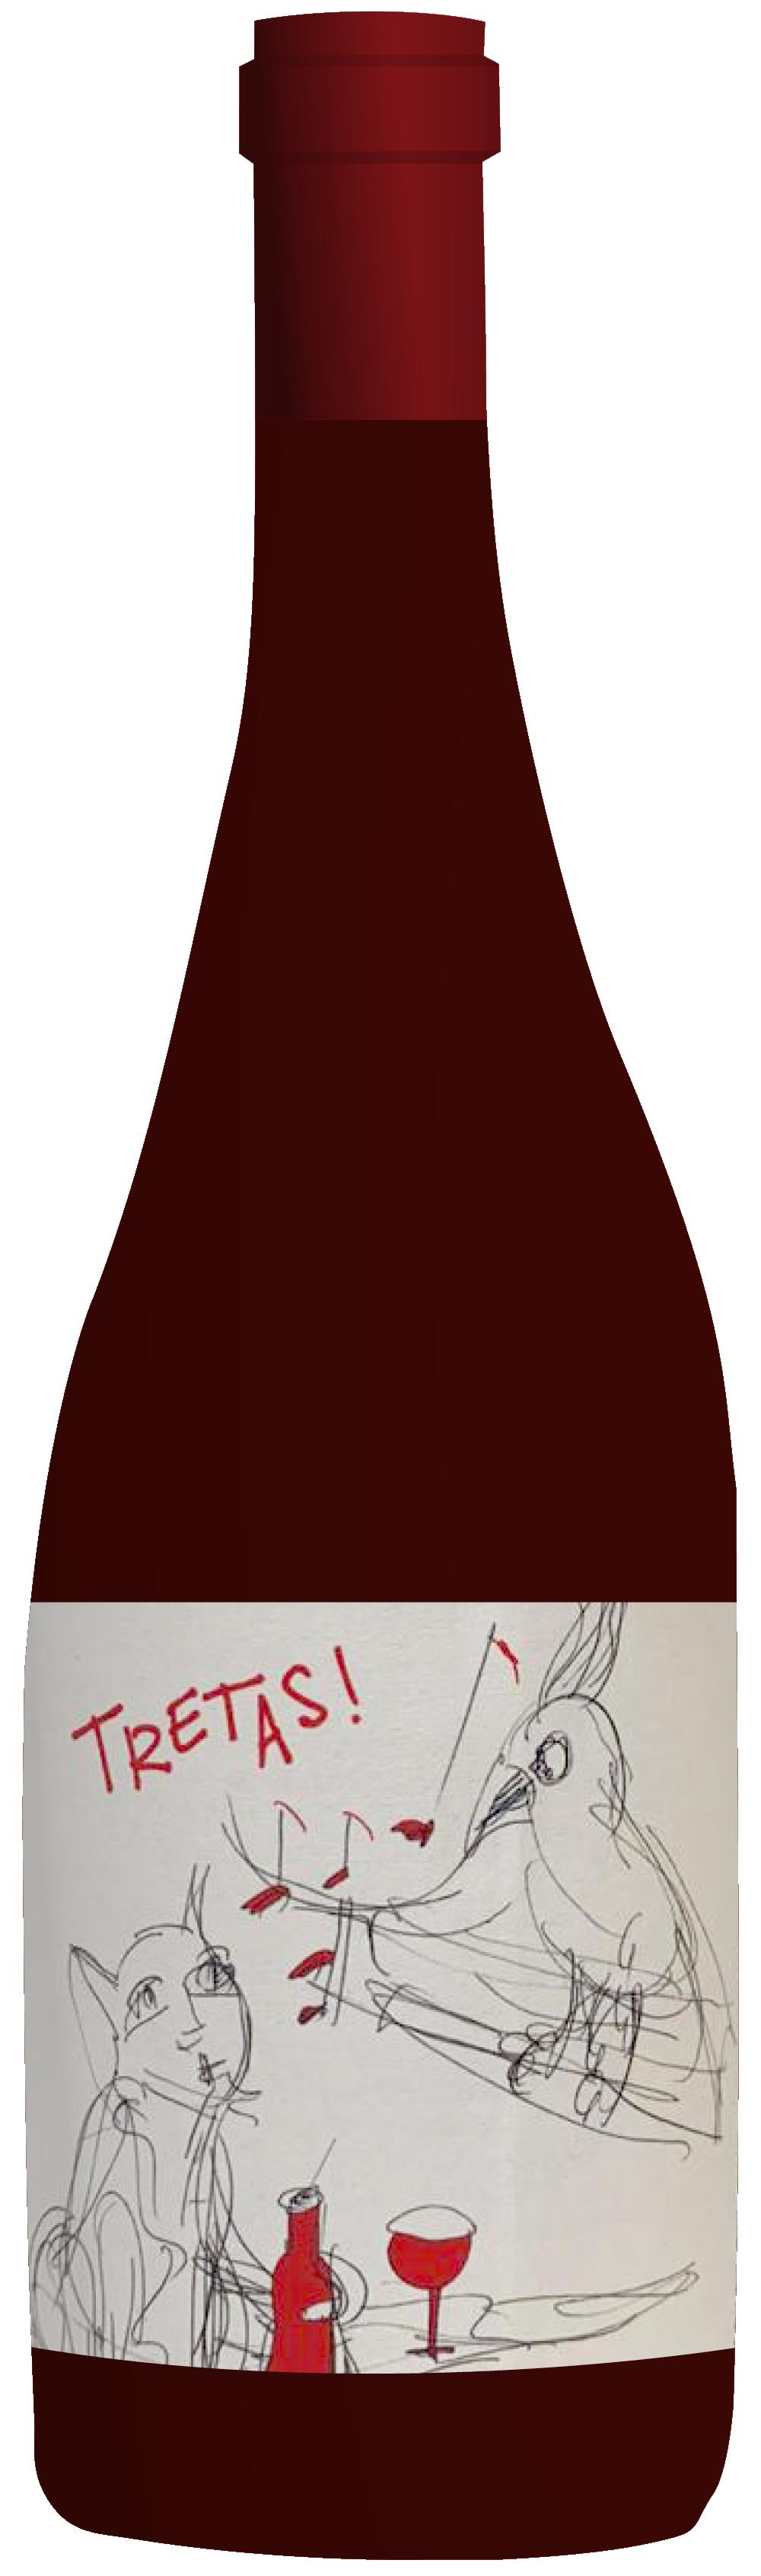 the natural wine company club october 2020 portugal quinta da boavista tretas